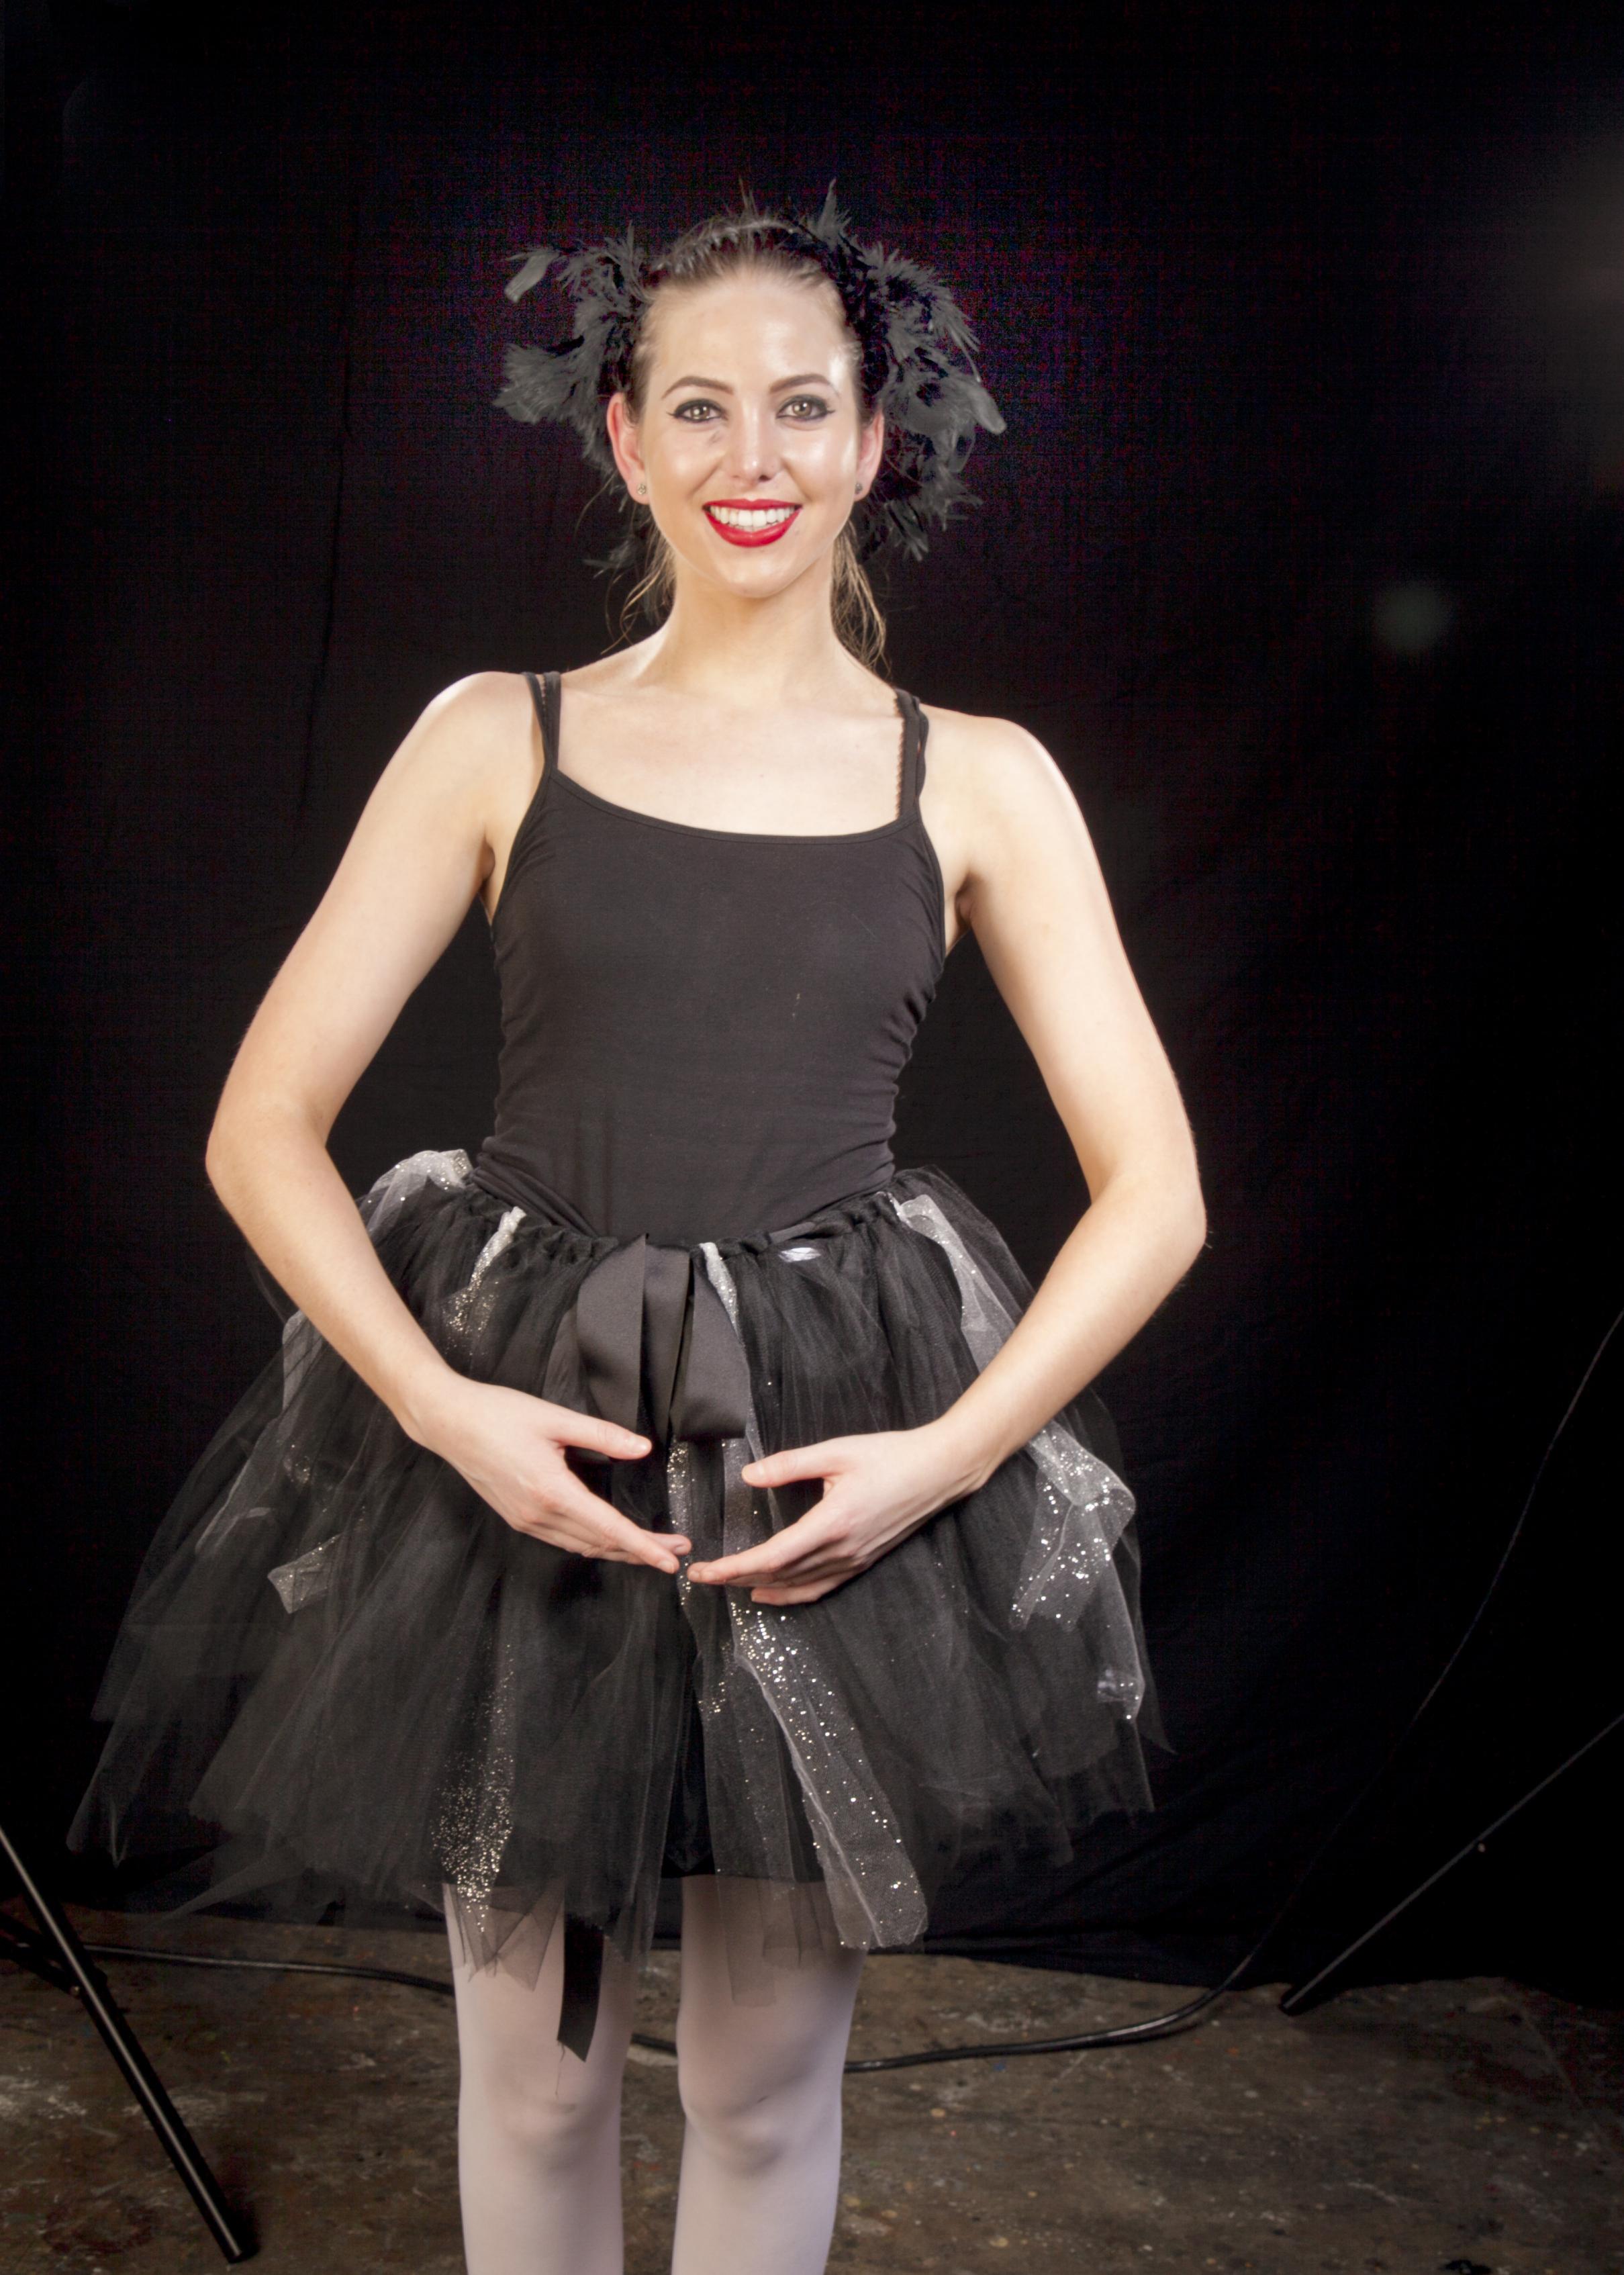 Ballarina in black tutuIMG_4388.jpg